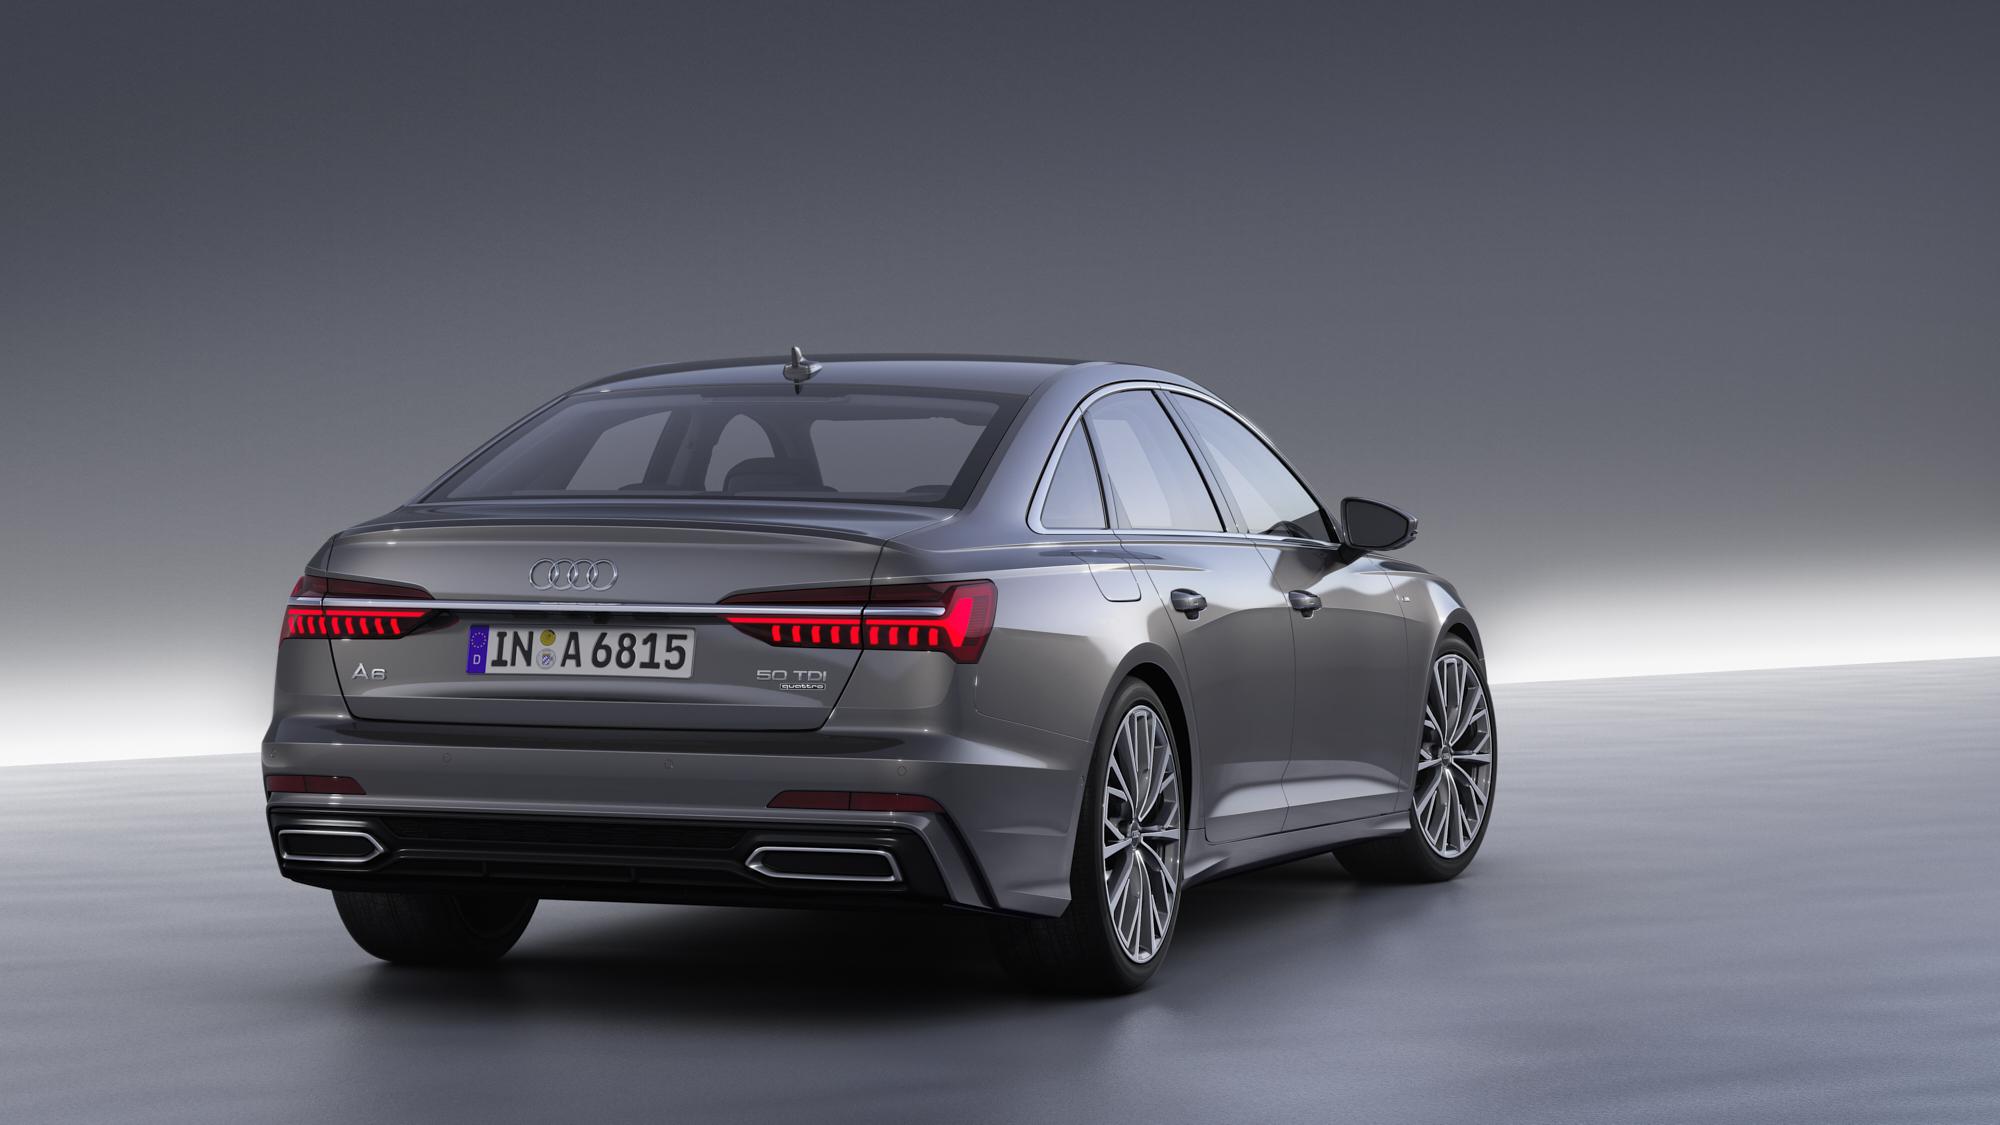 RWink_Audi_A6_EXT_007_B2200